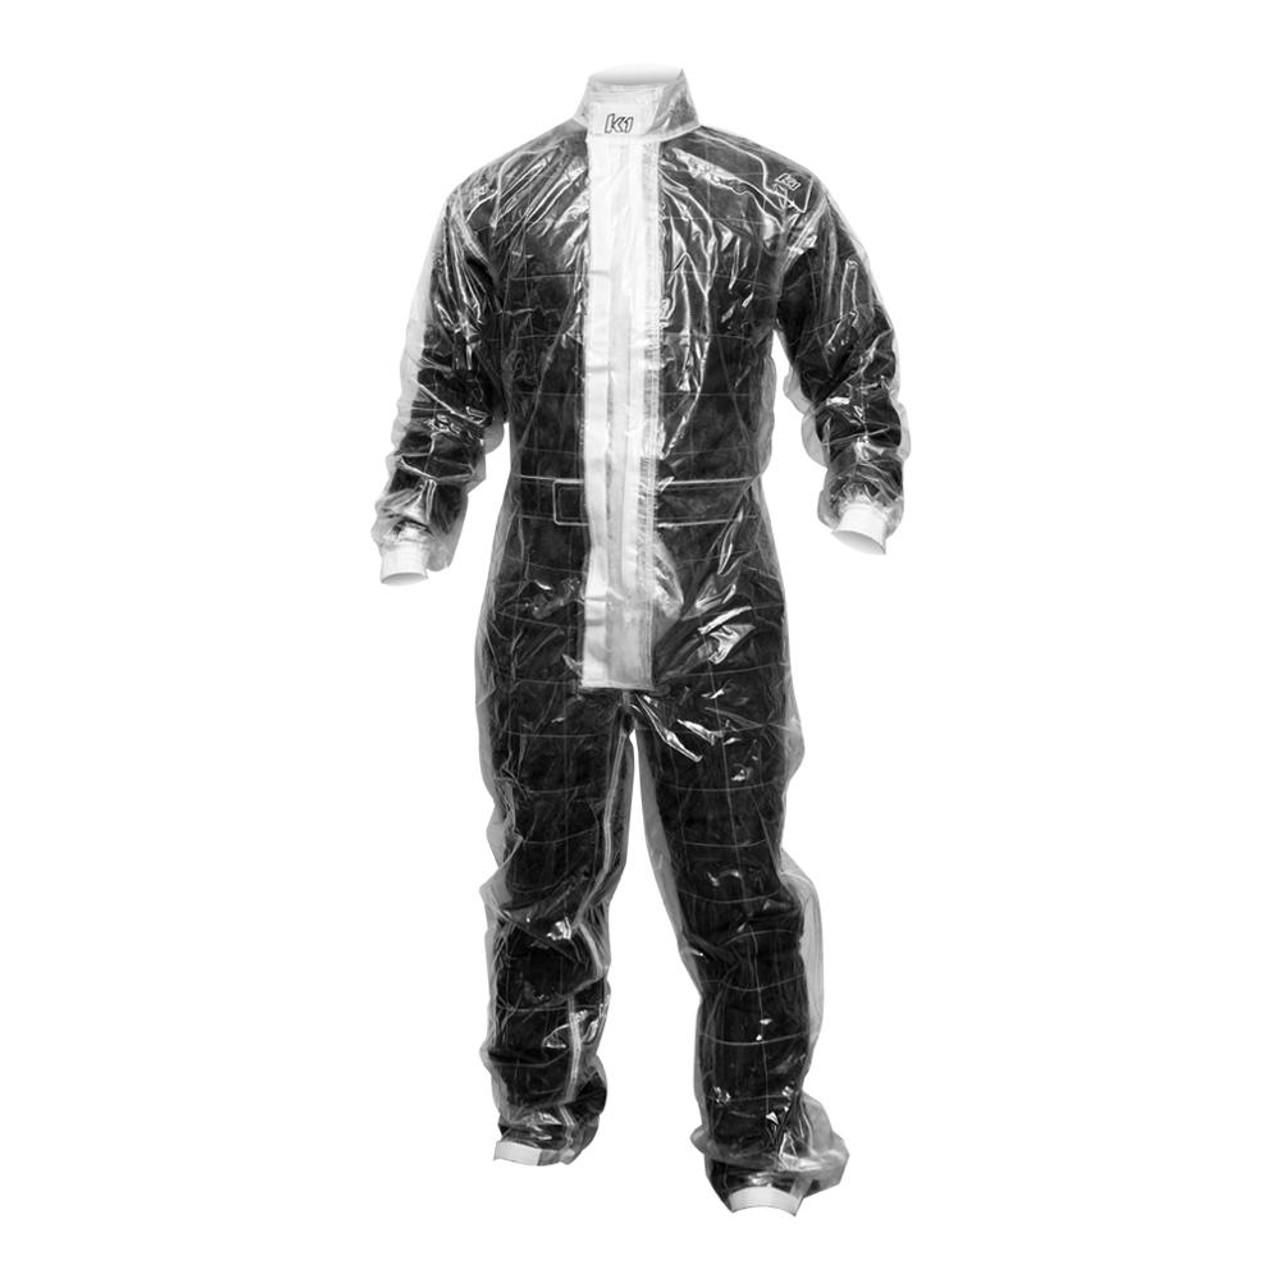 K1 RaceGear Rain Suit Front